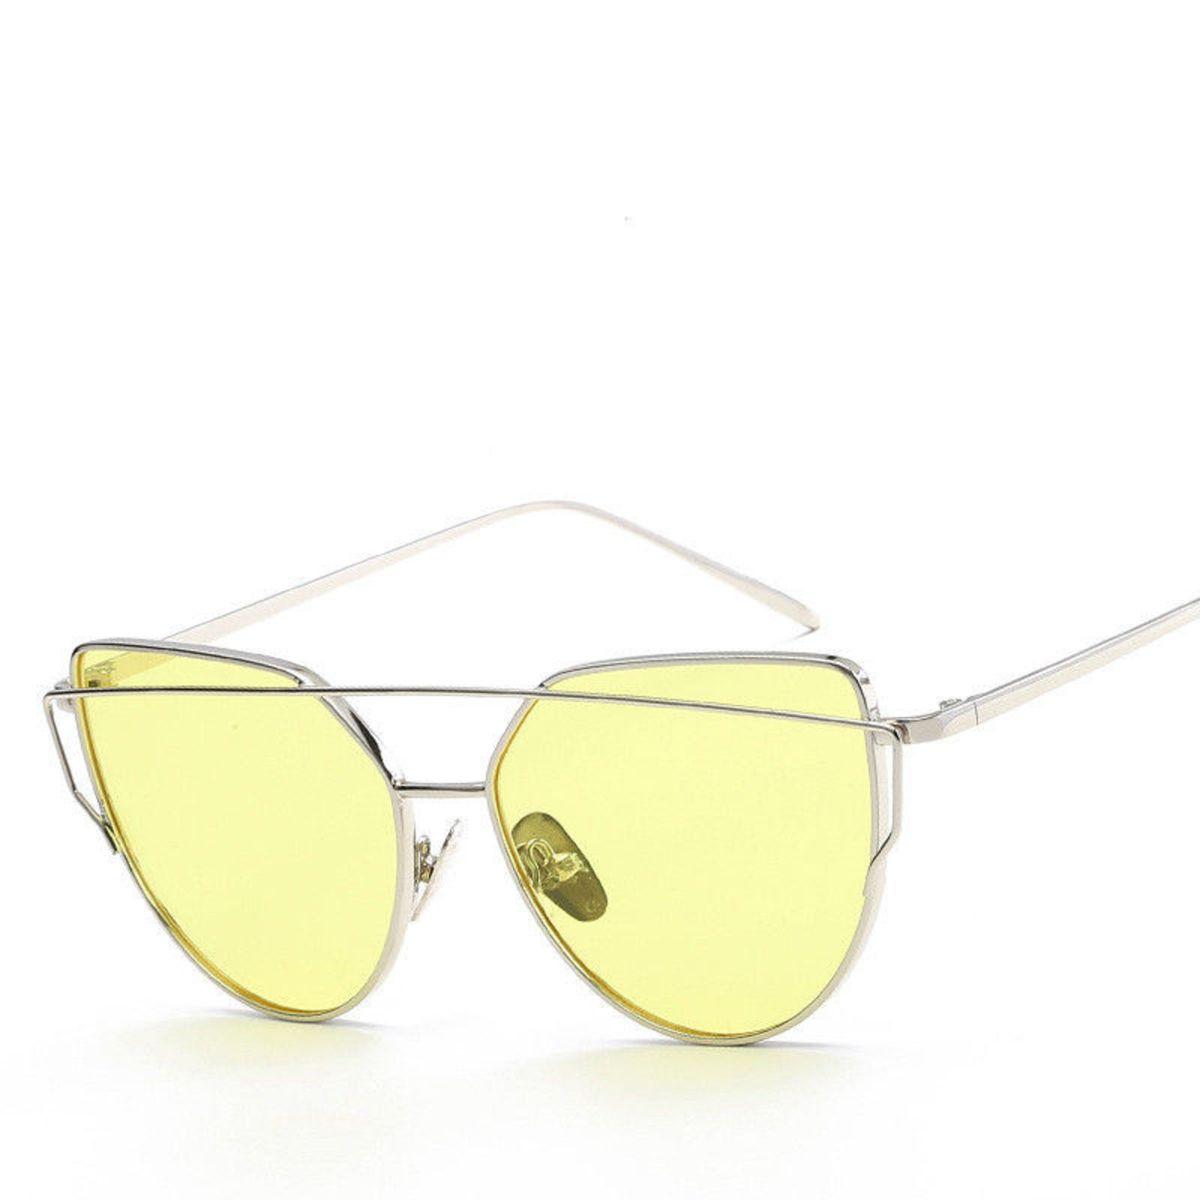 Óculos de Sol Gatinho - Lentes Amarelas   Óculos Feminino Nunca ... 31992358a4